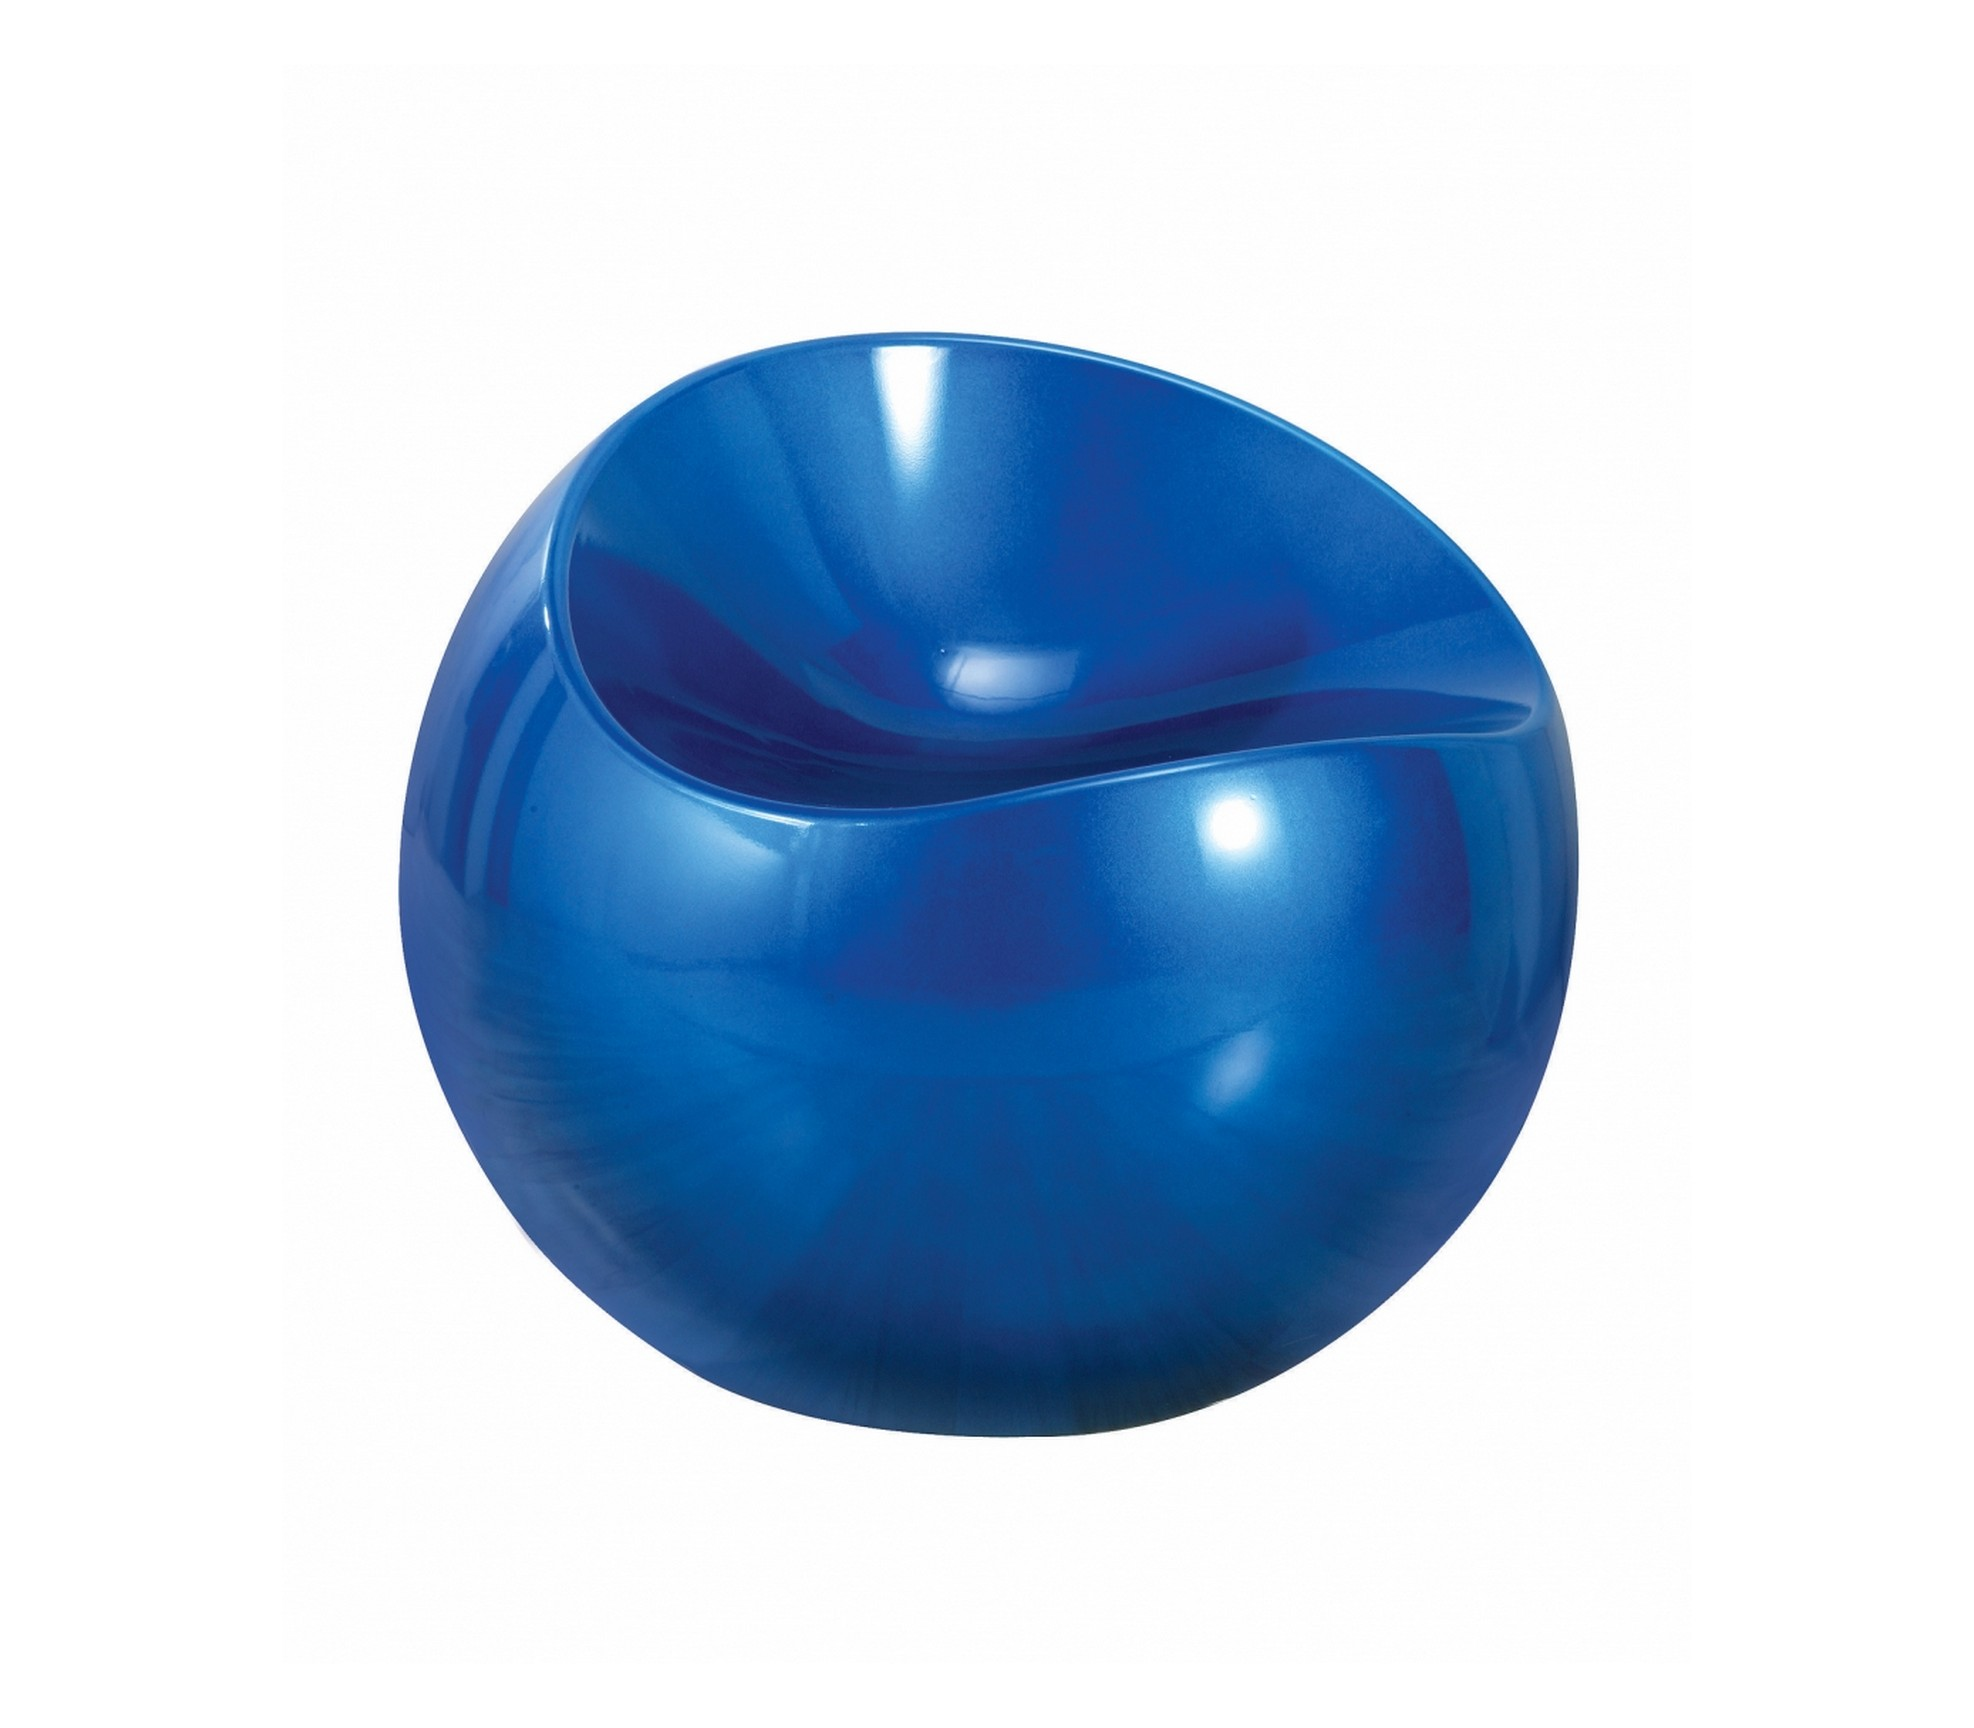 Кресло Синие каплиИнтерьерные кресла<br>Стул &amp;quot;Синие капли&amp;quot; идеально впишется в современный футуристический интерьер и станет ярким акцентом в доме.<br>Стул выполнен из высококачественного пластизоля.<br>Монтаж не требуется.<br><br>Material: Пластик<br>Height см: 48<br>Diameter см: 58